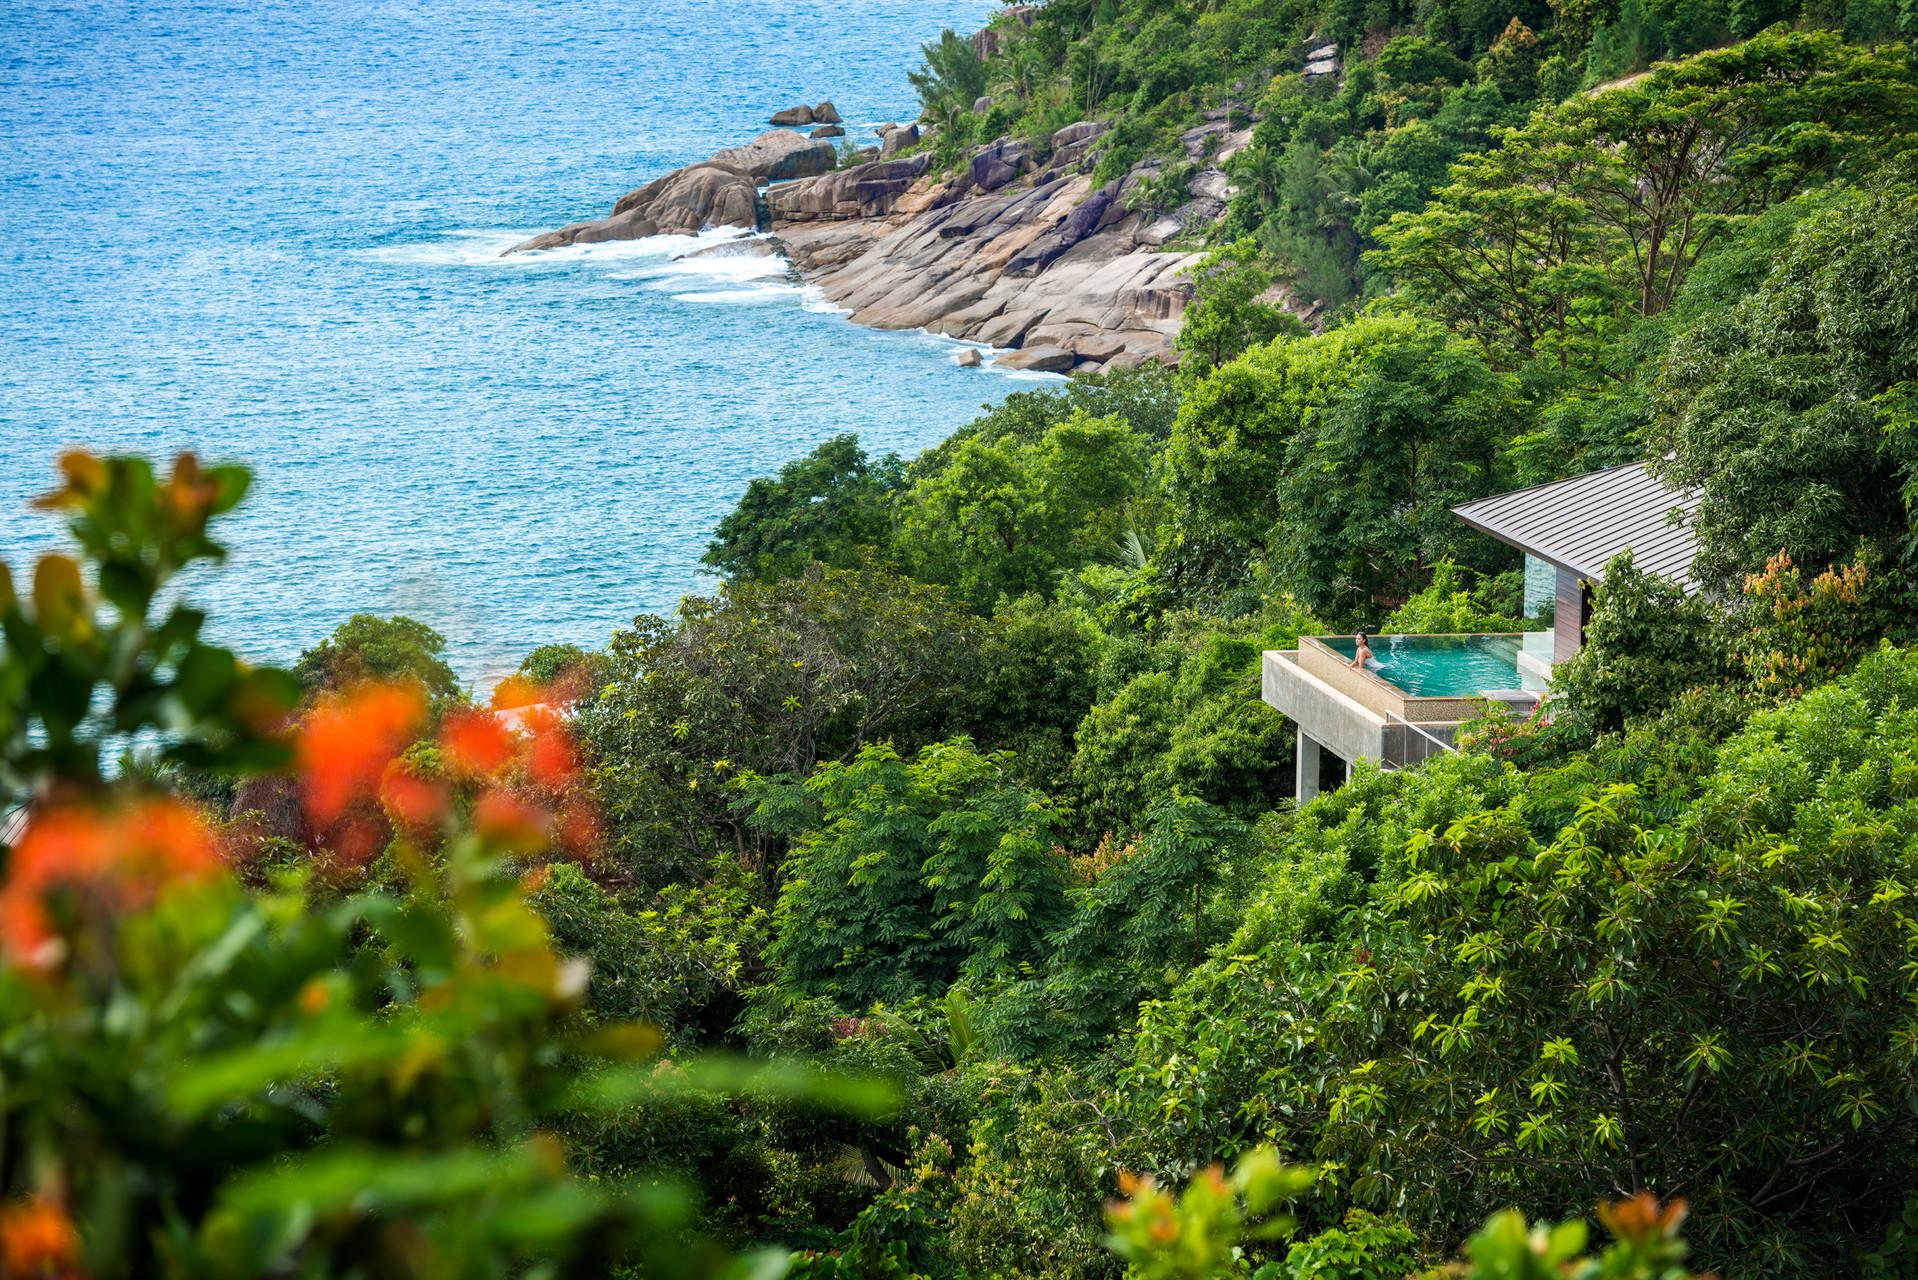 Курорт побудований в креольському стилі та гармонійно поєднується з природою острова Мае